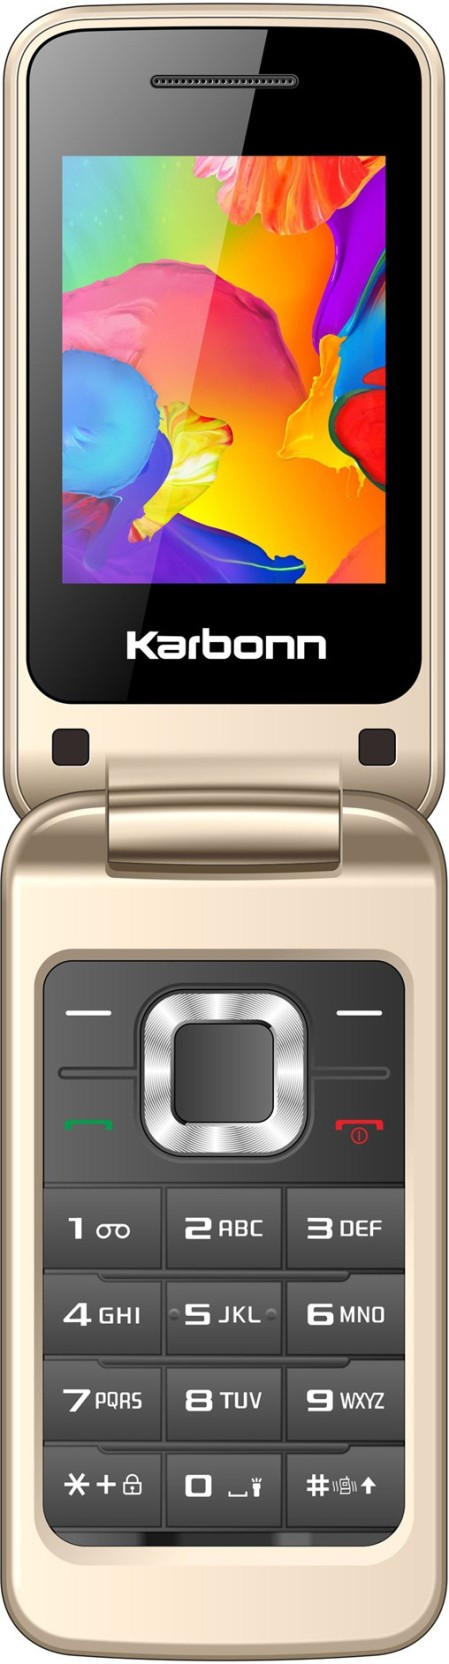 bc02bebf0a2 Karbonn K-Flip Online at Best Price Only On Flipkart.com